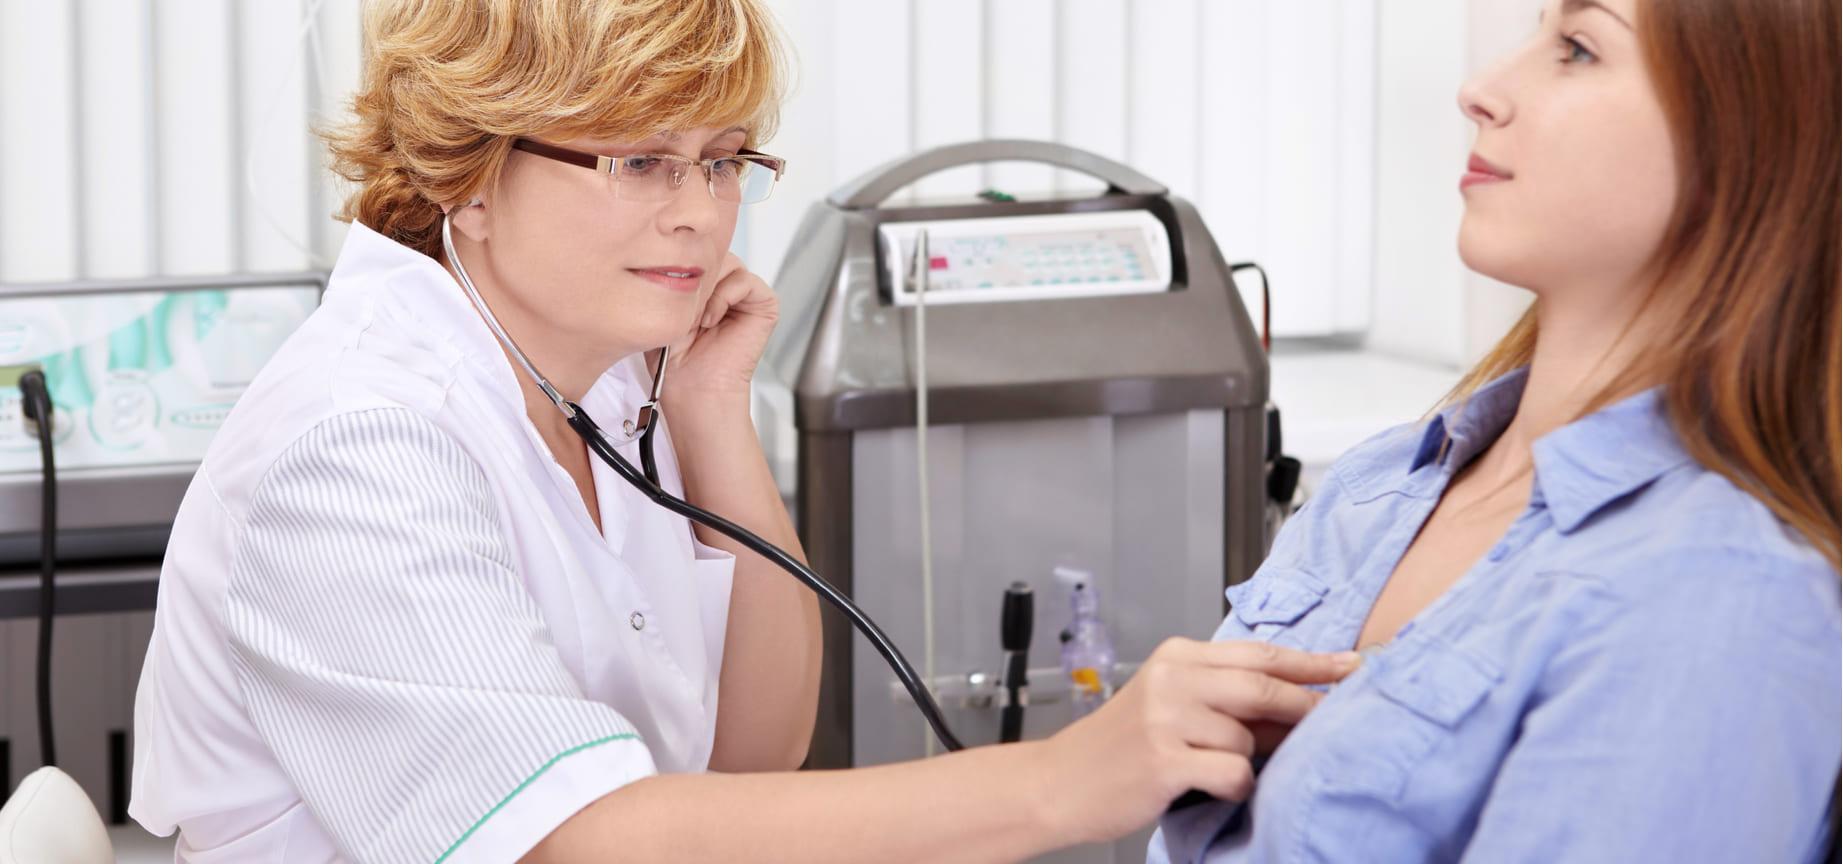 Cardiopatía congénita y sus posibles pruebas diagnósticas